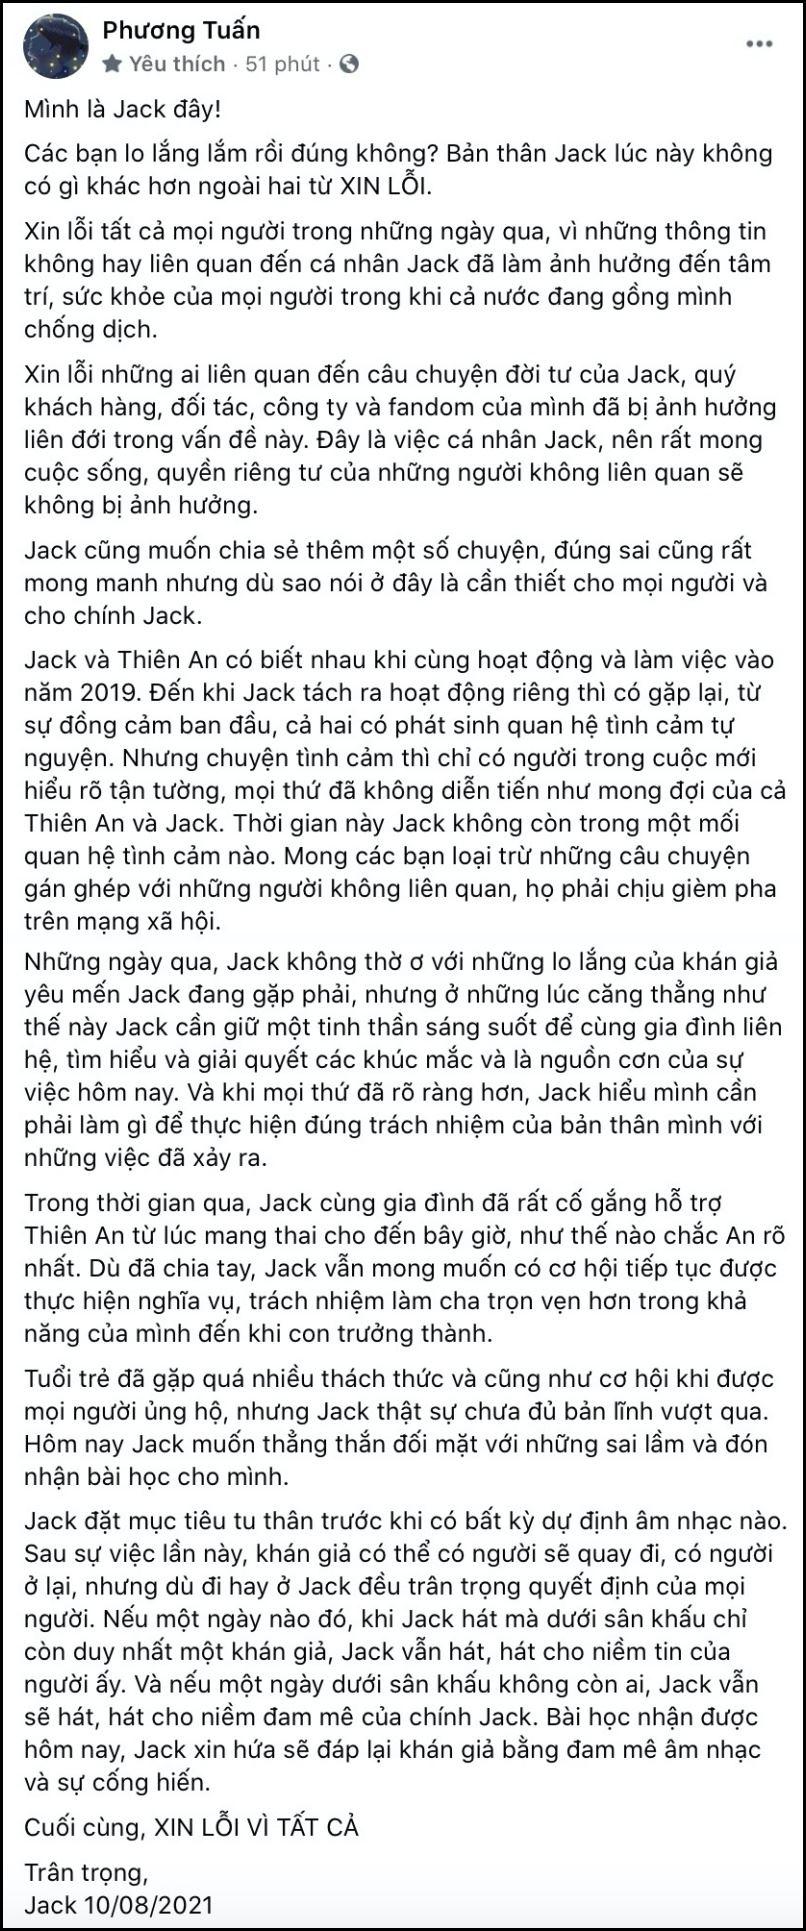 Nguyên văn bài đăng của Jack.